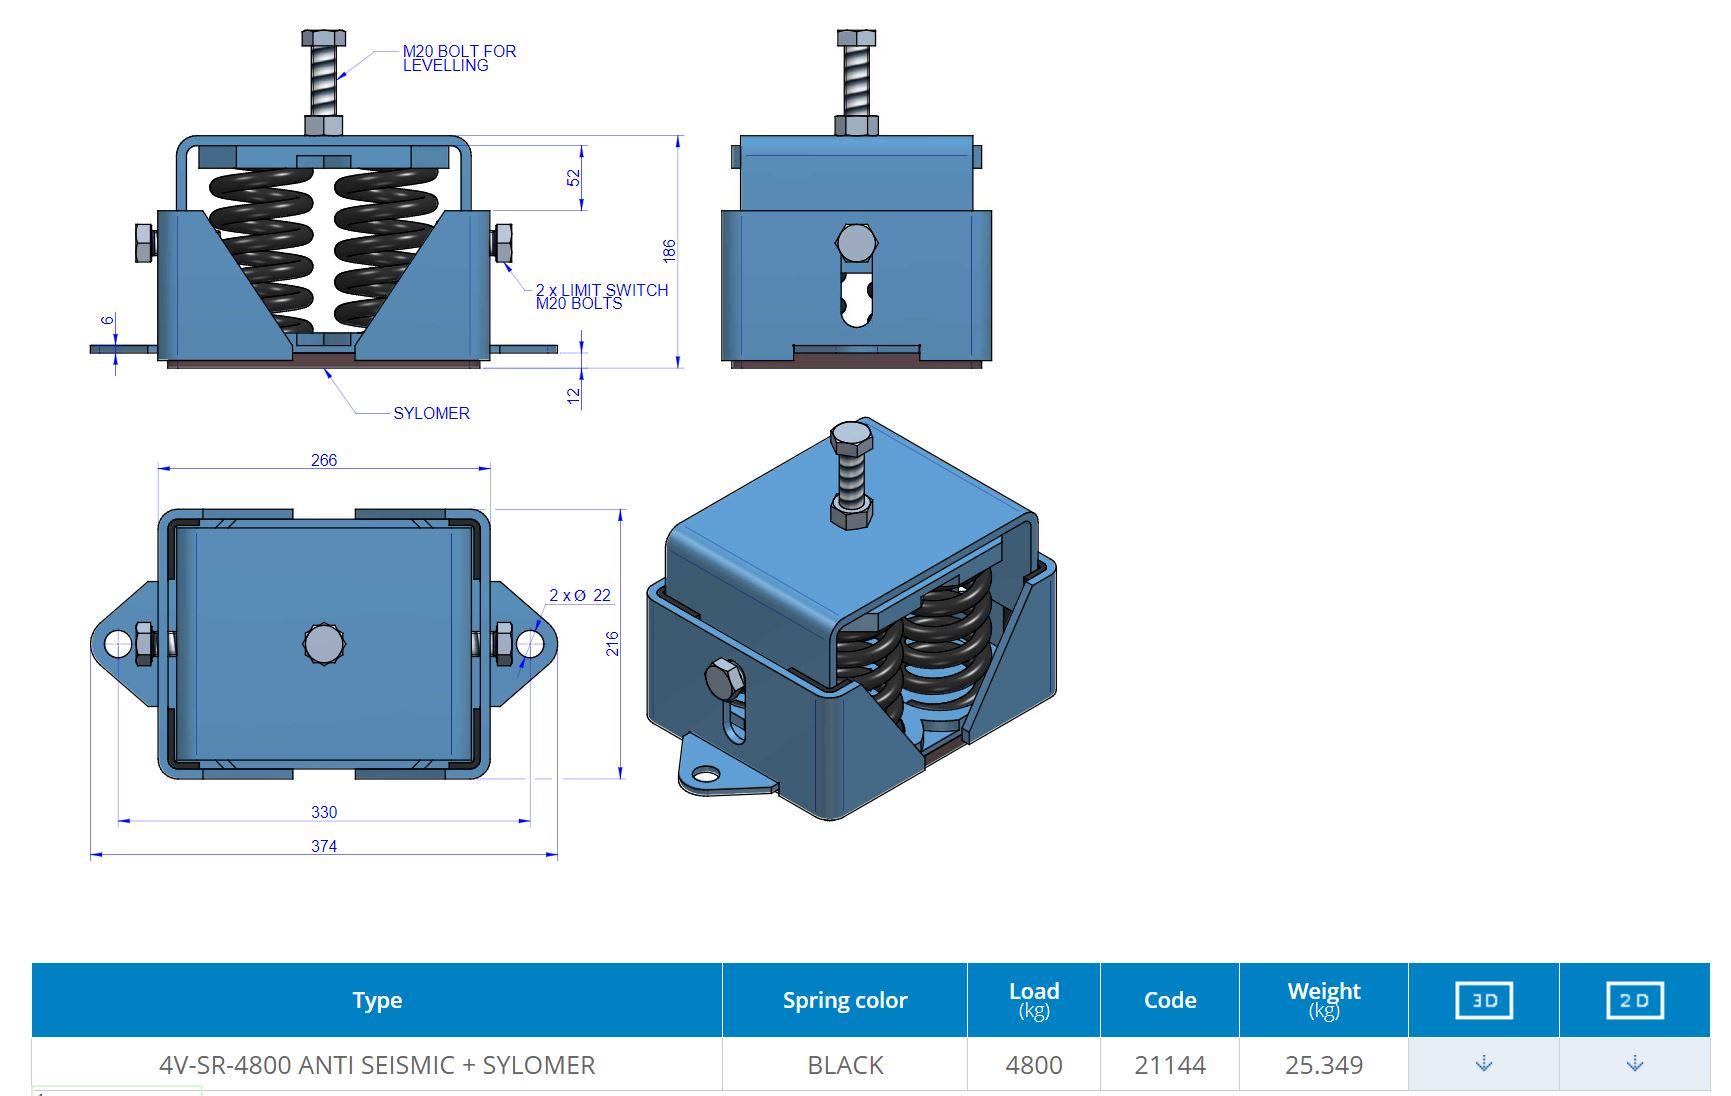 4V-SR-4800 ANTI SEISMIC + SYLOMER